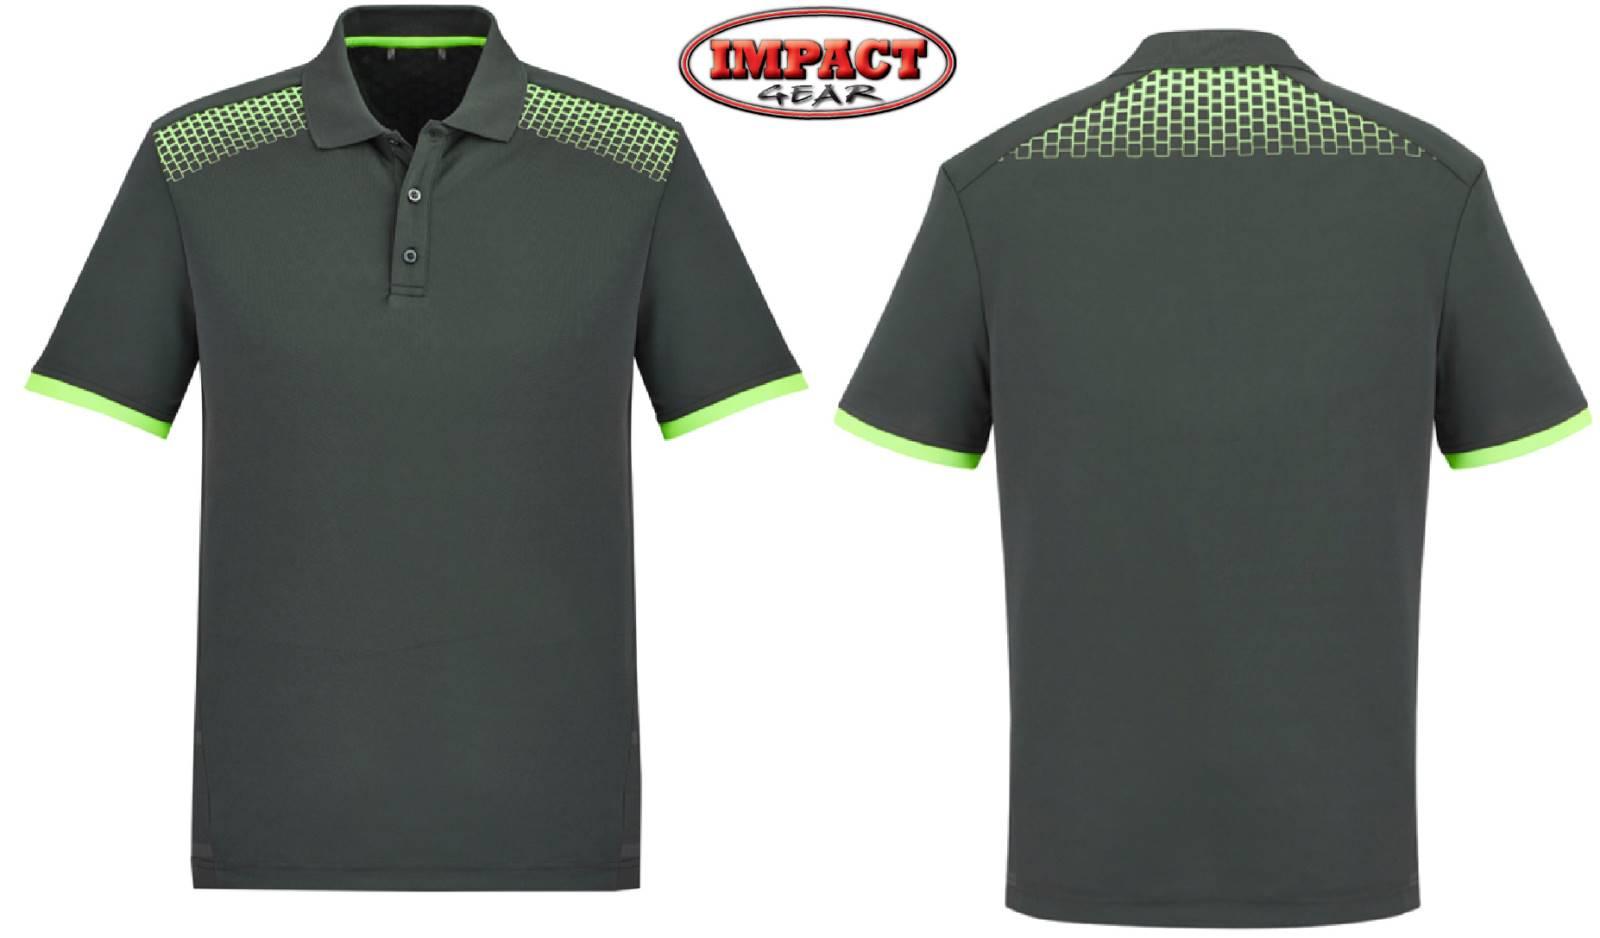 Grey FL Lime Galaxy Polo shirt